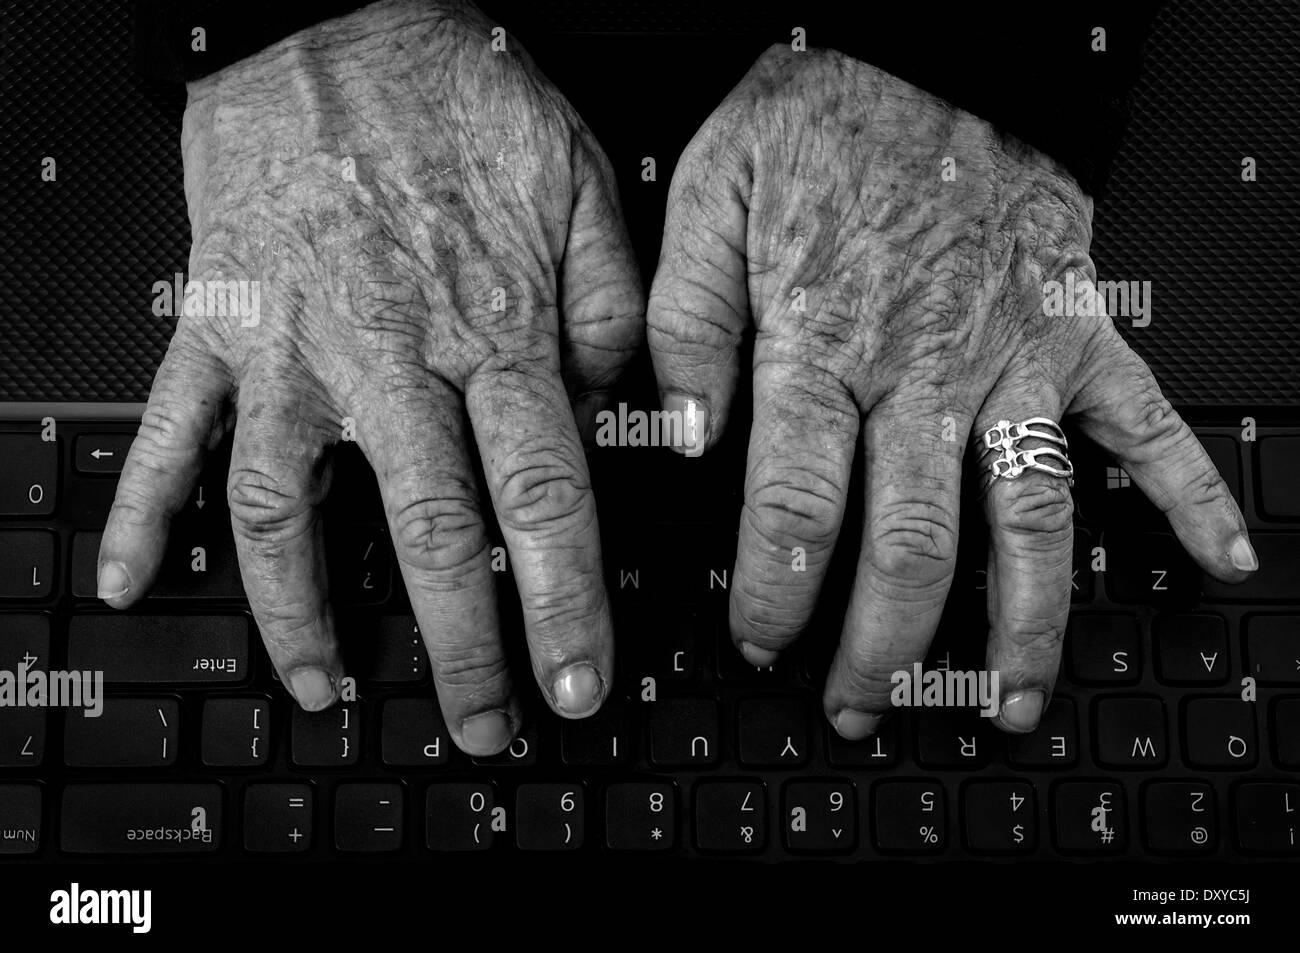 Primer plano de las manos de una anciana con artritis en teclado de ordenador en blanco y negro Imagen De Stock